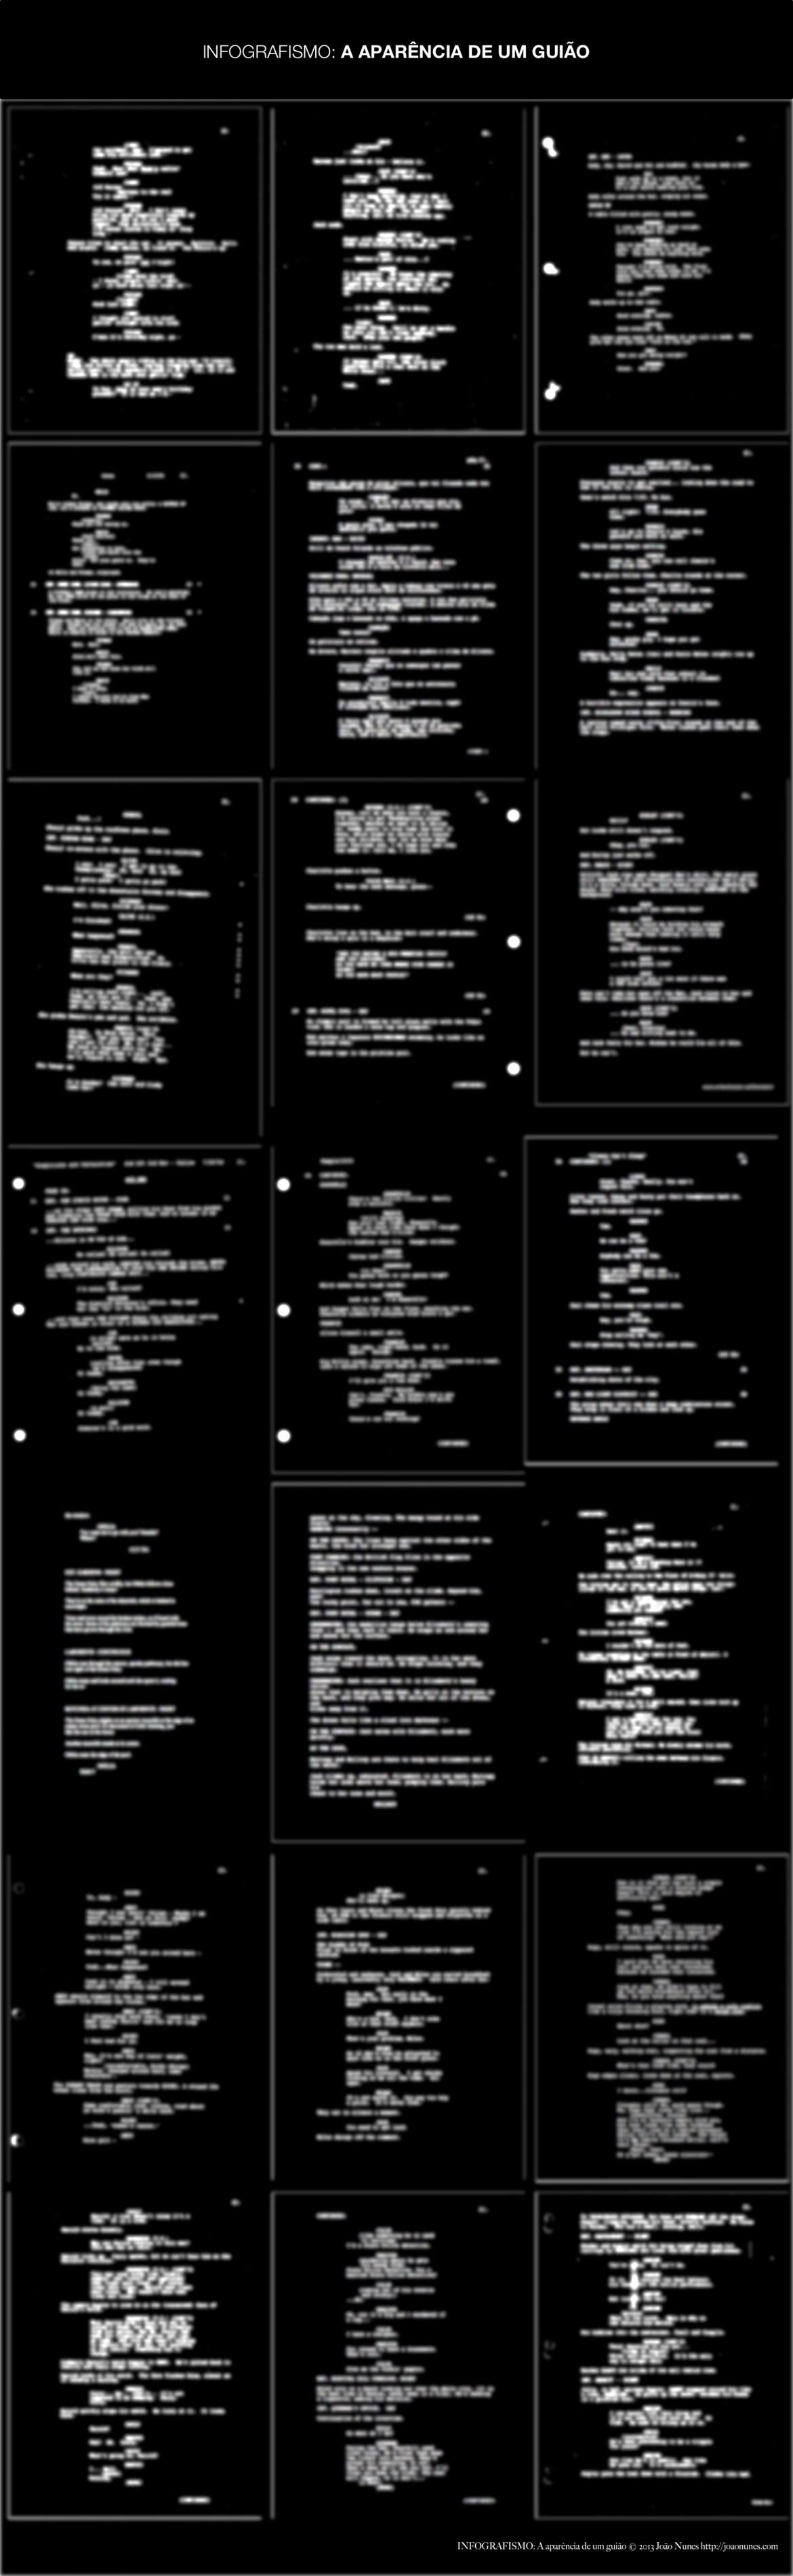 Infografismo-aparencia do guiao